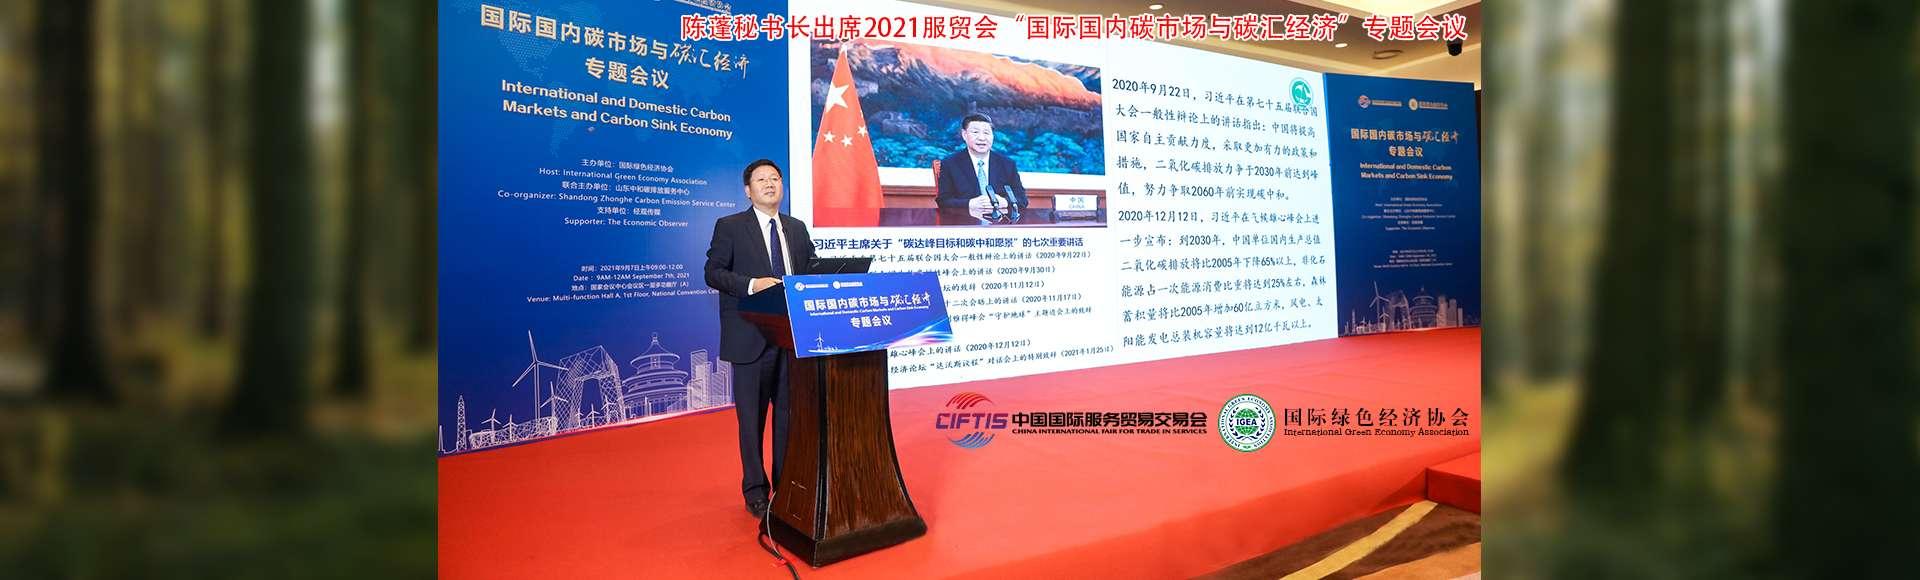 """陈蓬秘书长出席2021服贸会""""国际国内碳市场与碳汇经济""""专题会议"""